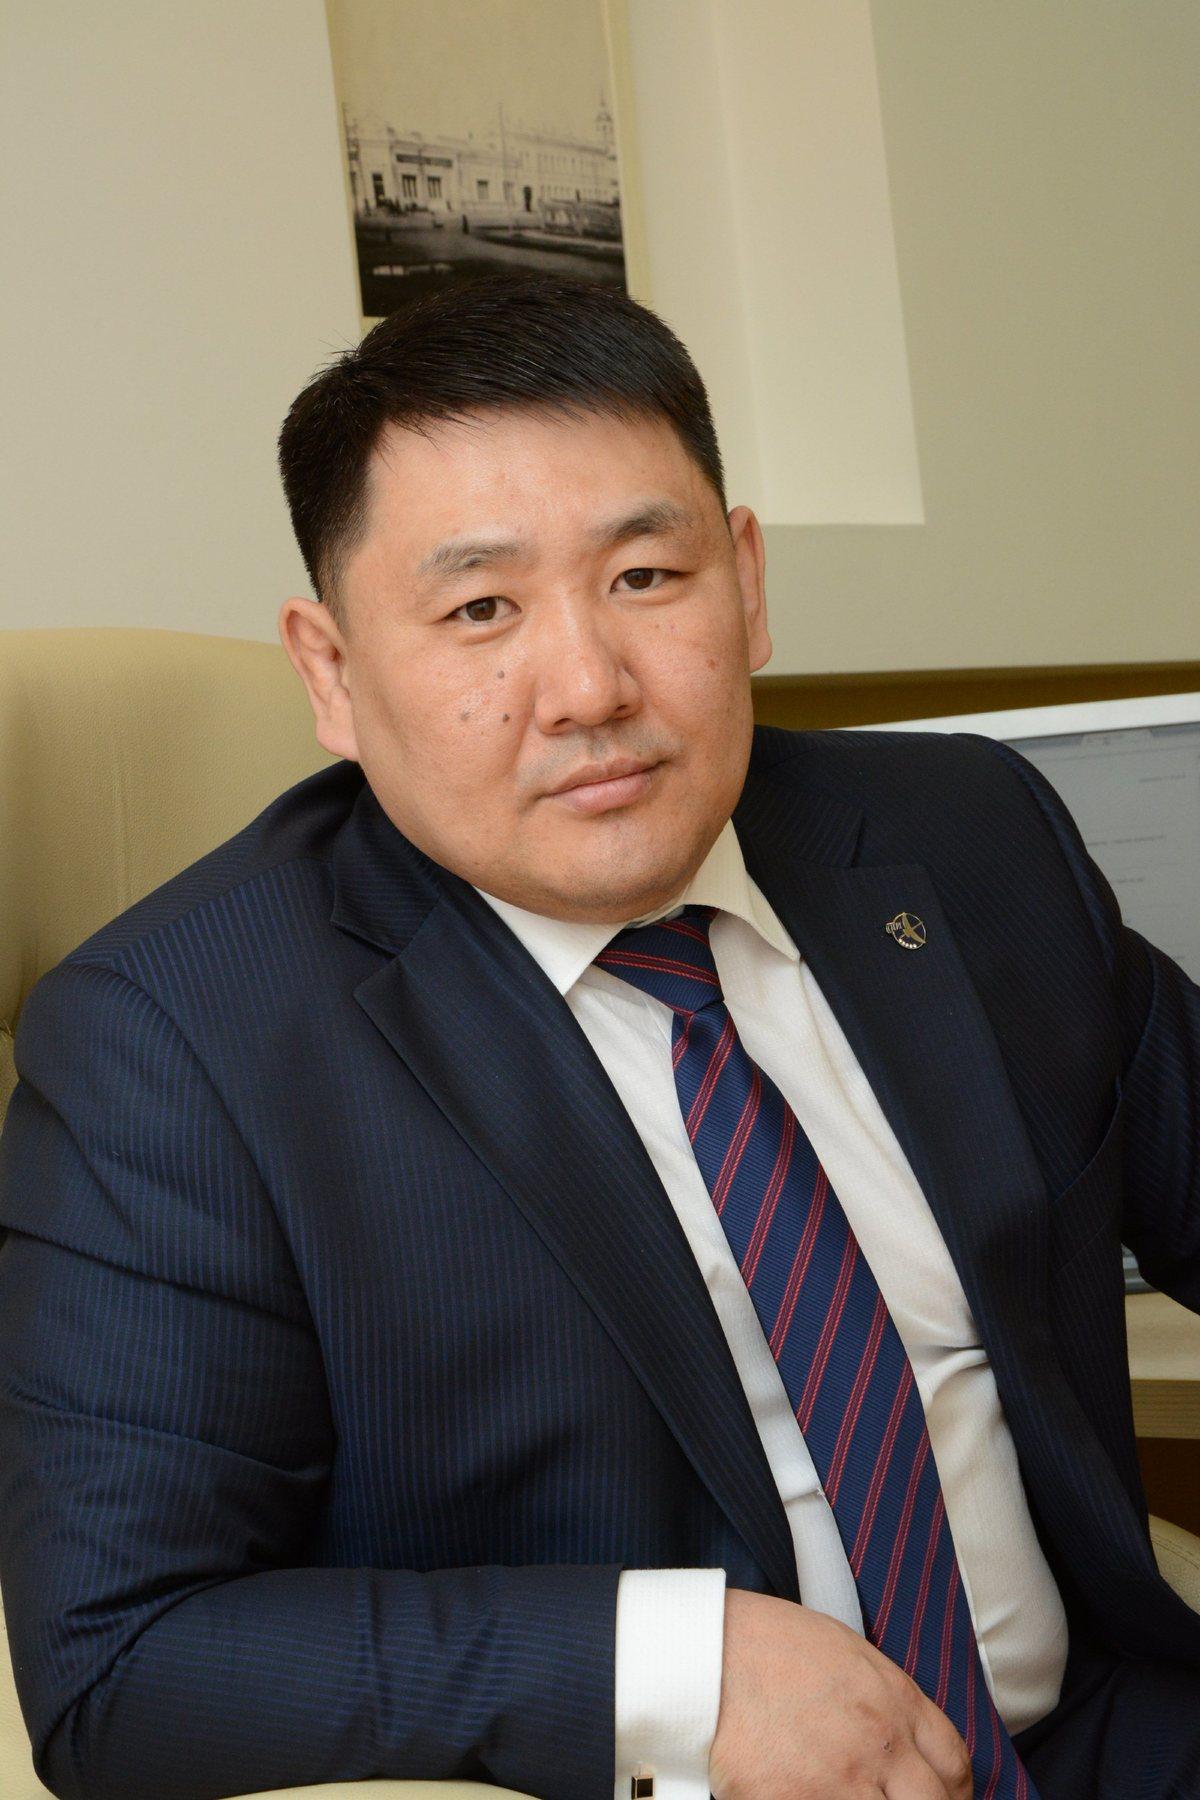 sidorov-ivan-sterh «Это была не массовая драка, а небольшая потасовка», — заявили в компании «Стерх»